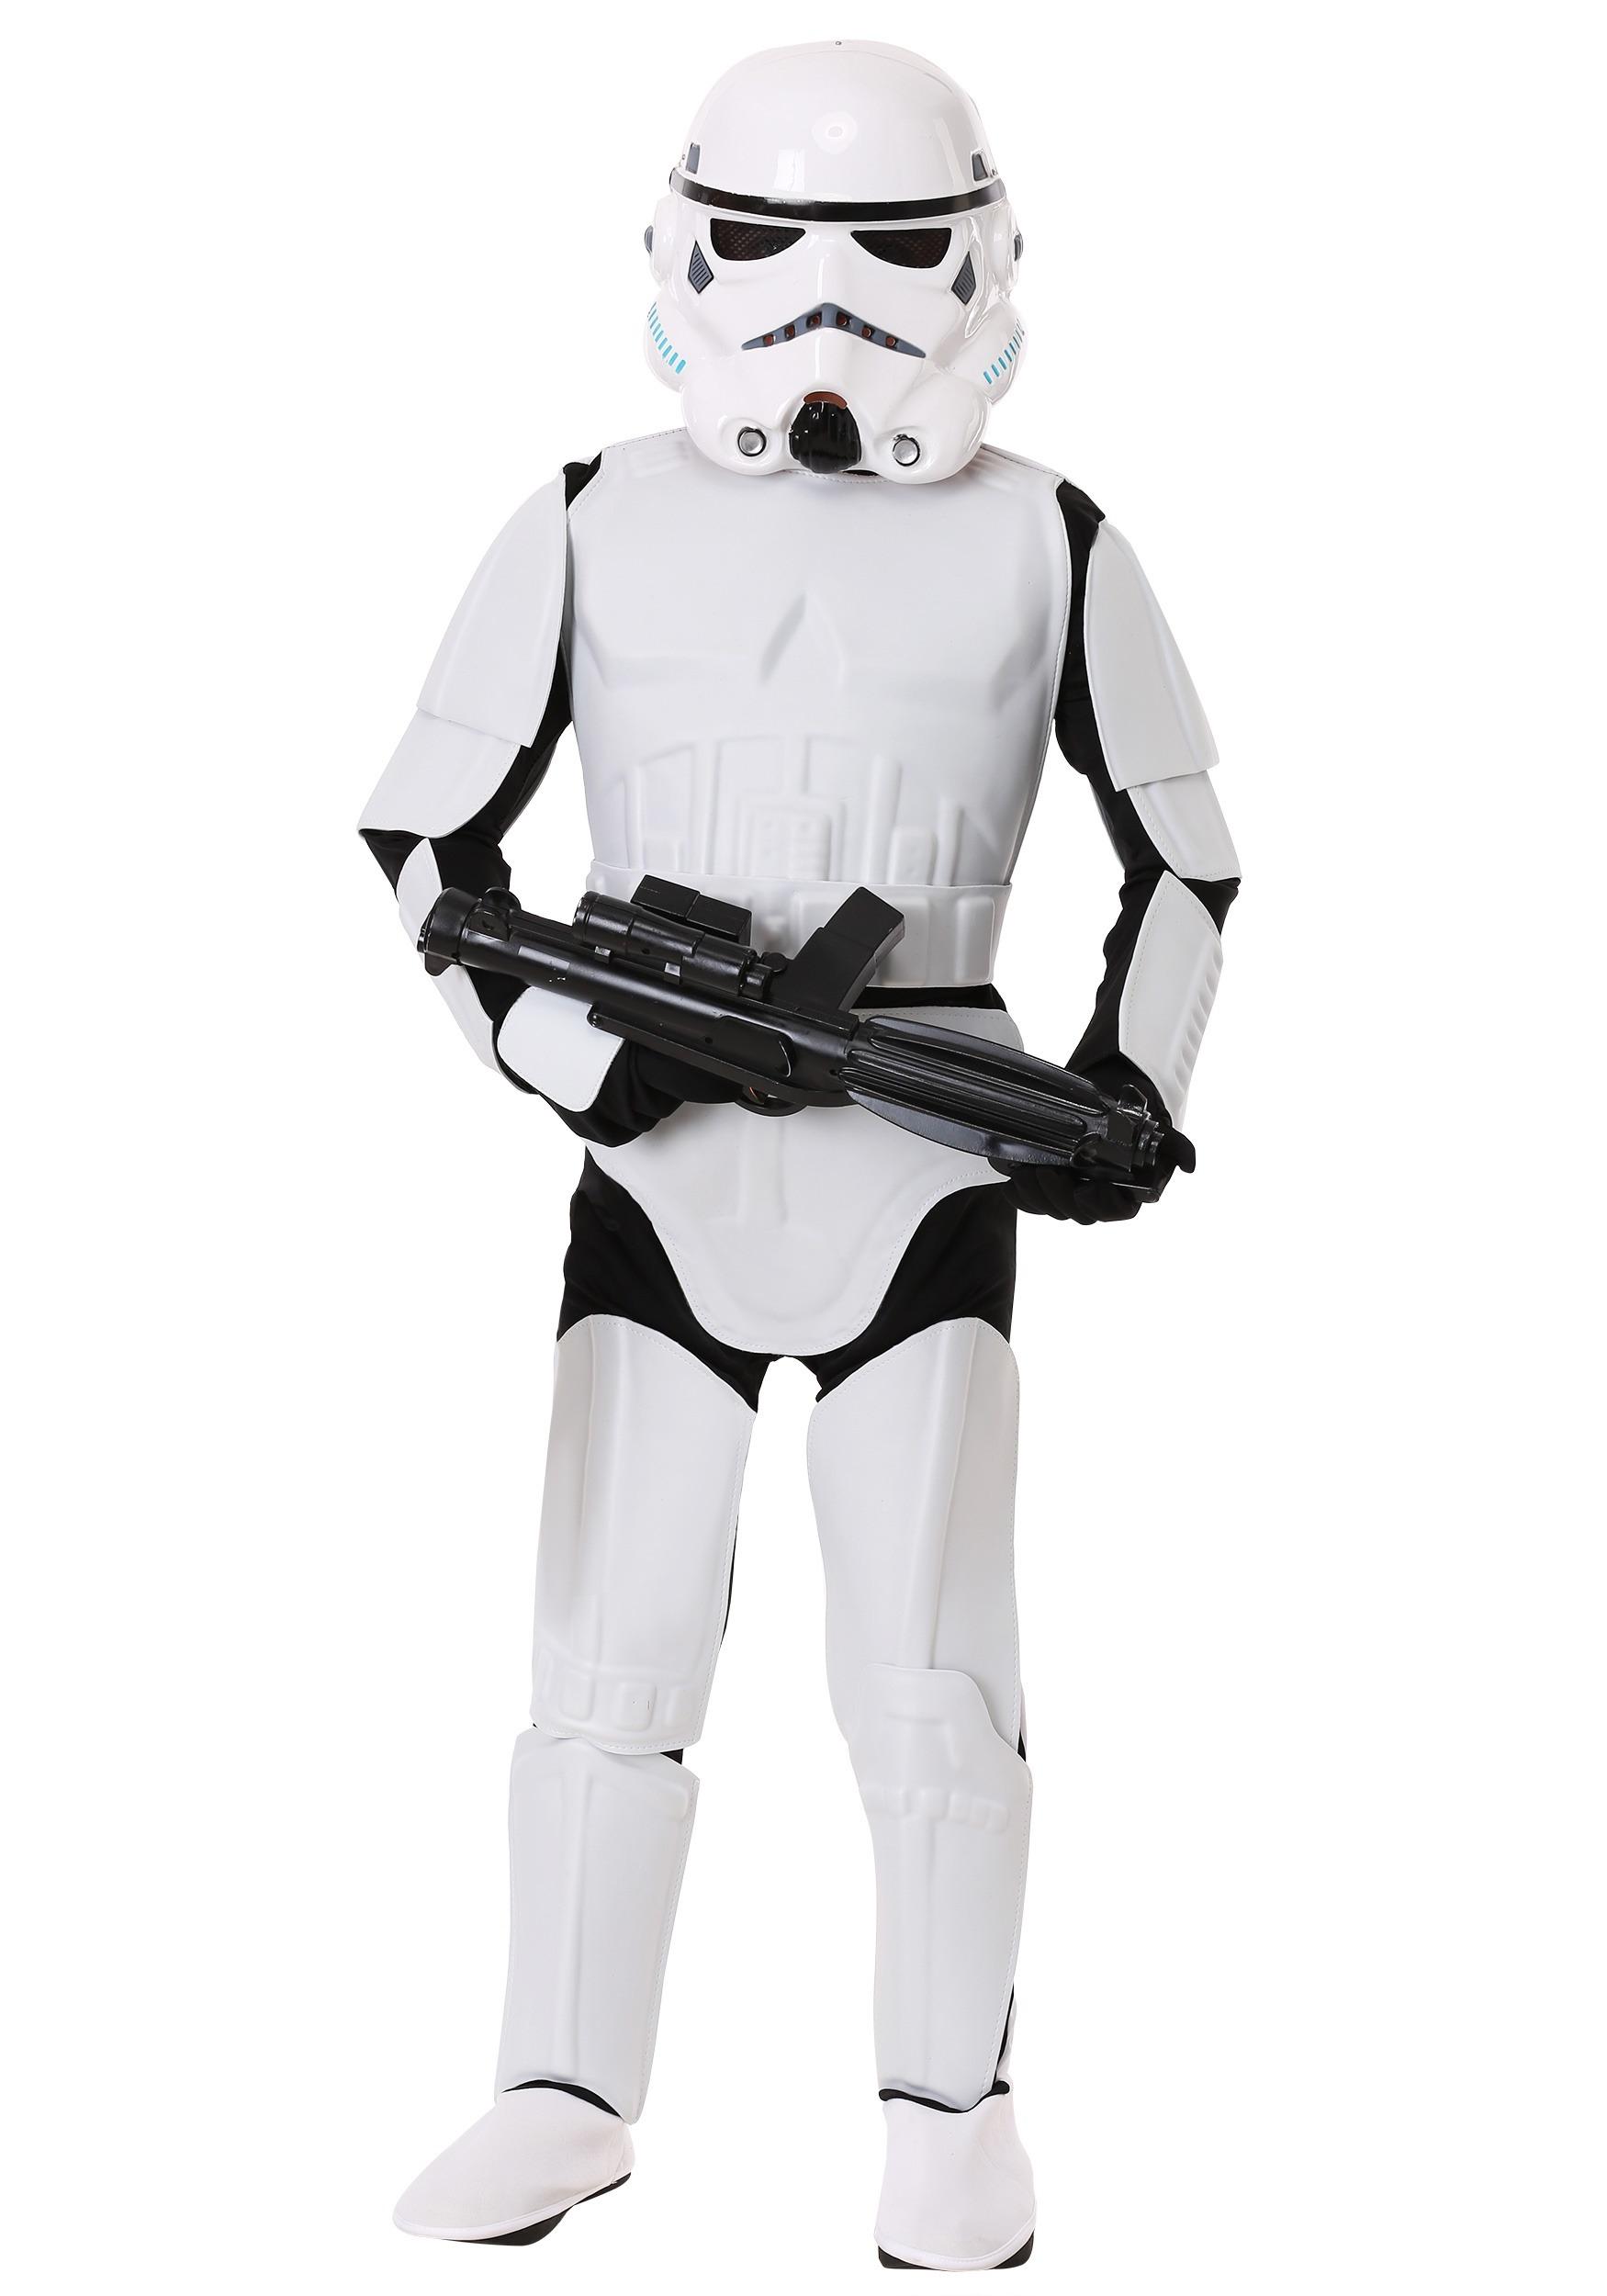 Kids Stormtrooper Costumes - Stormtrooper Costume Child